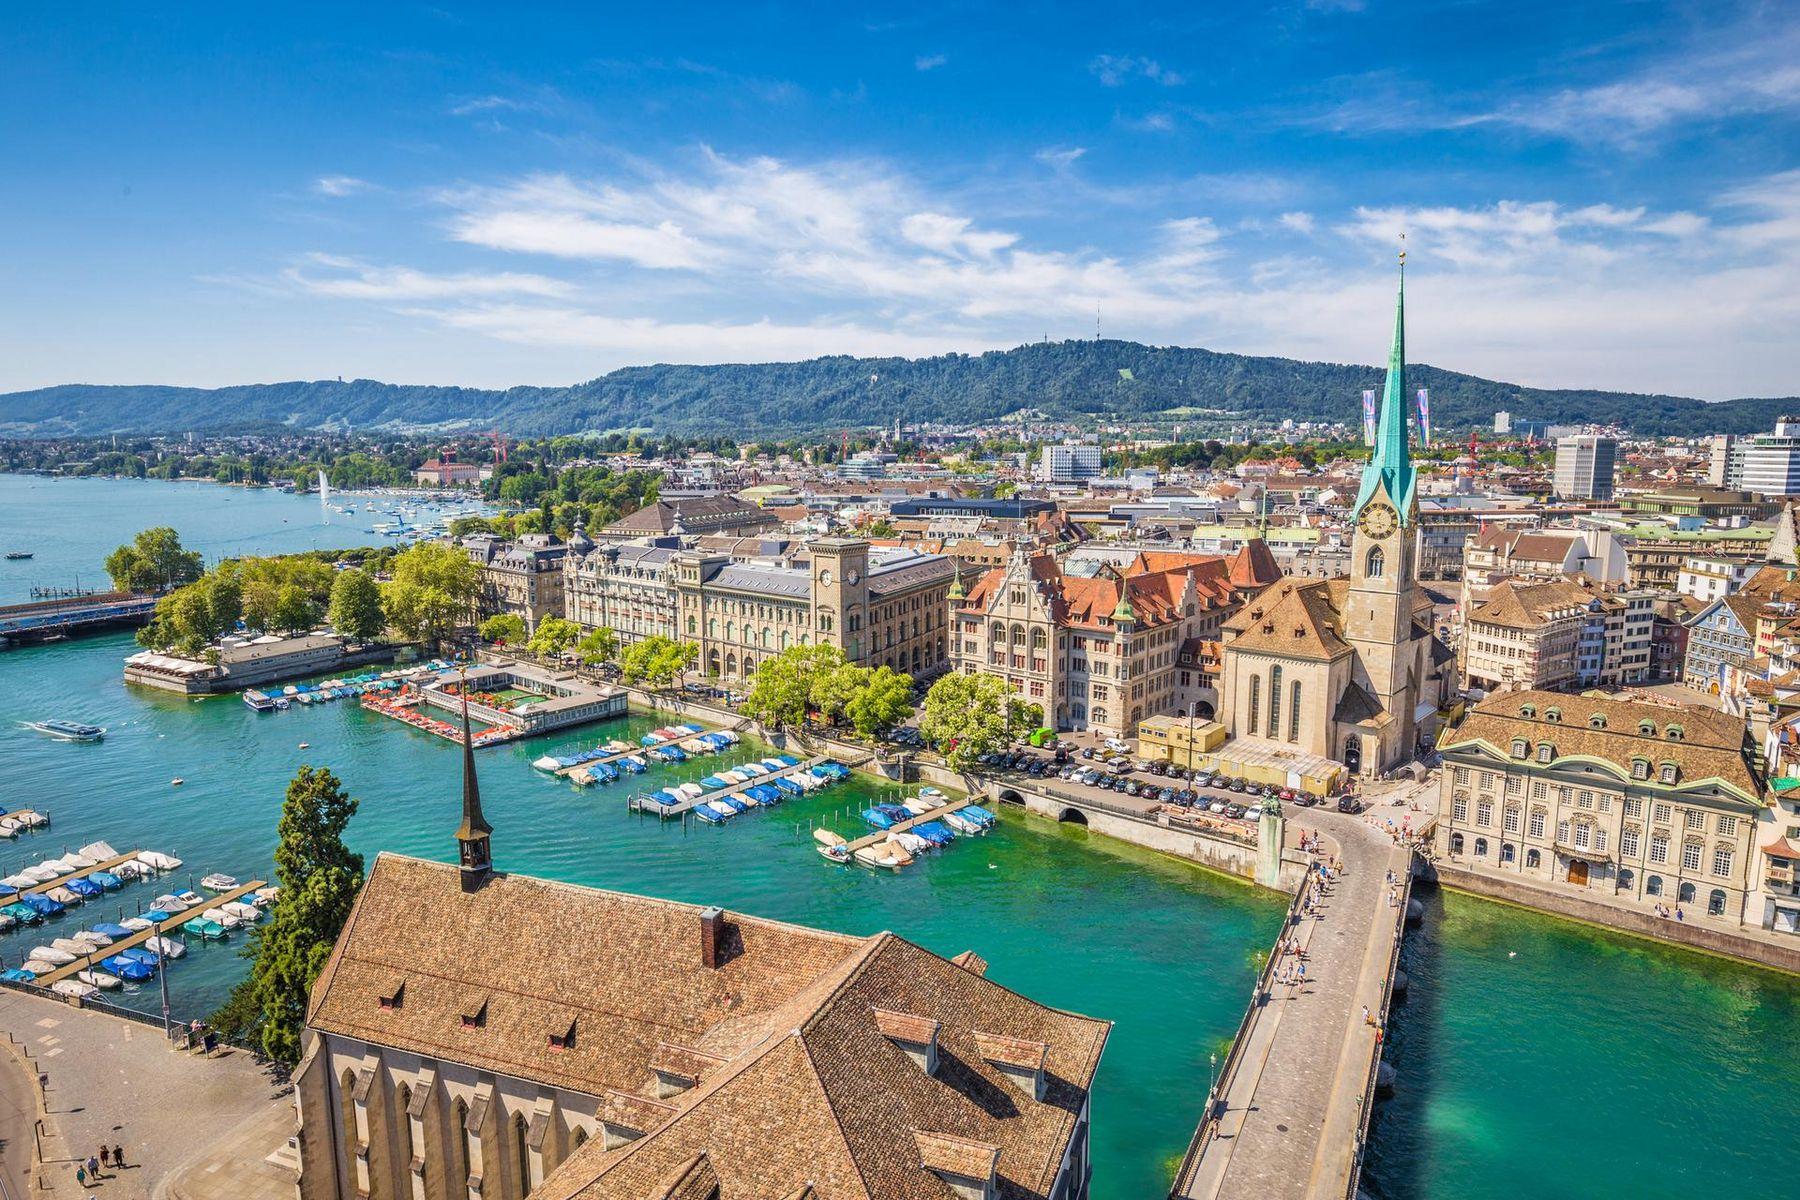 Zurich Altstadt iStock 510212678